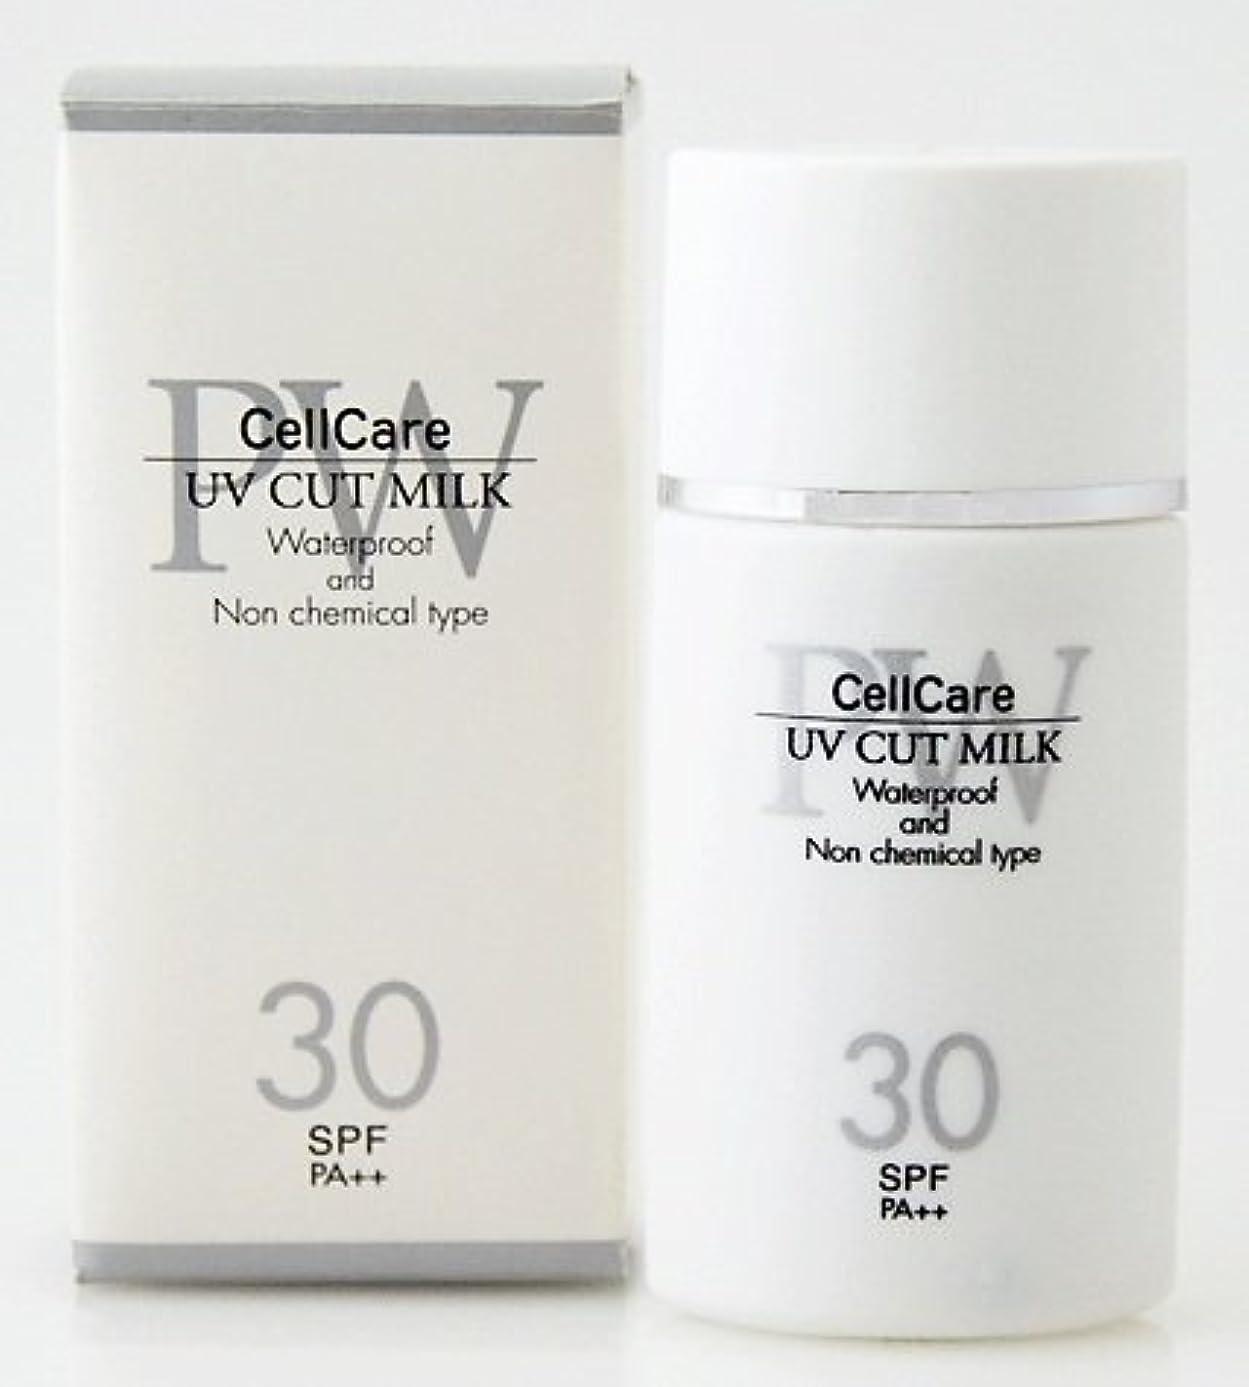 キャベツ池厳密にセルケア ピュアホワイト UVカットミルク 30g(日焼け止め乳液) SPF30 PA++ 保湿